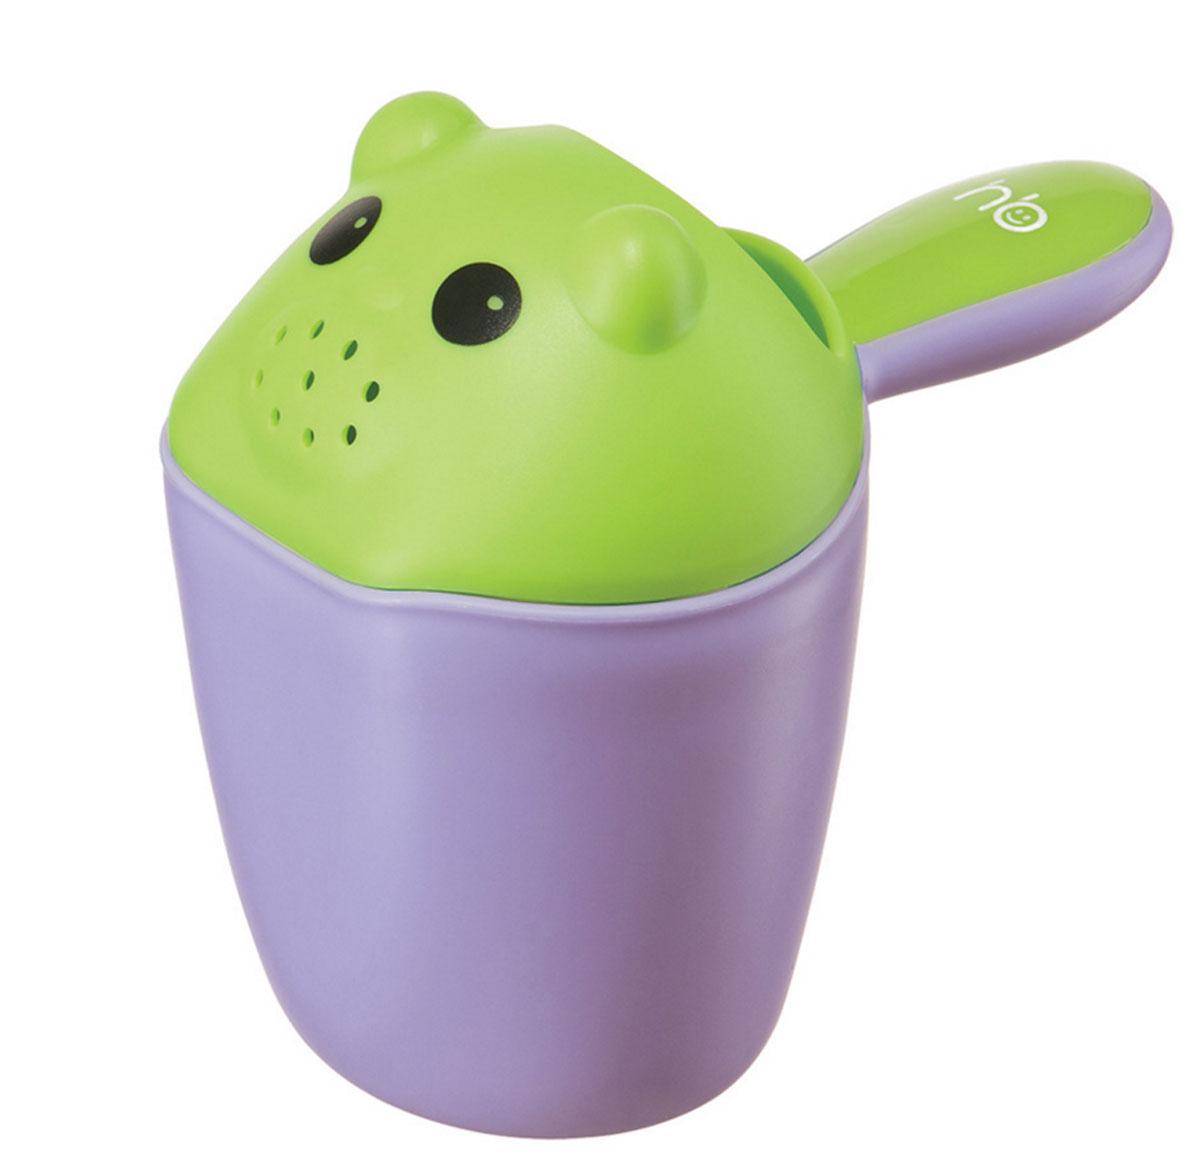 Happy Baby Ковш детский Scooppy цвет фиолетовый -  Контейнеры для игрушек, ковши